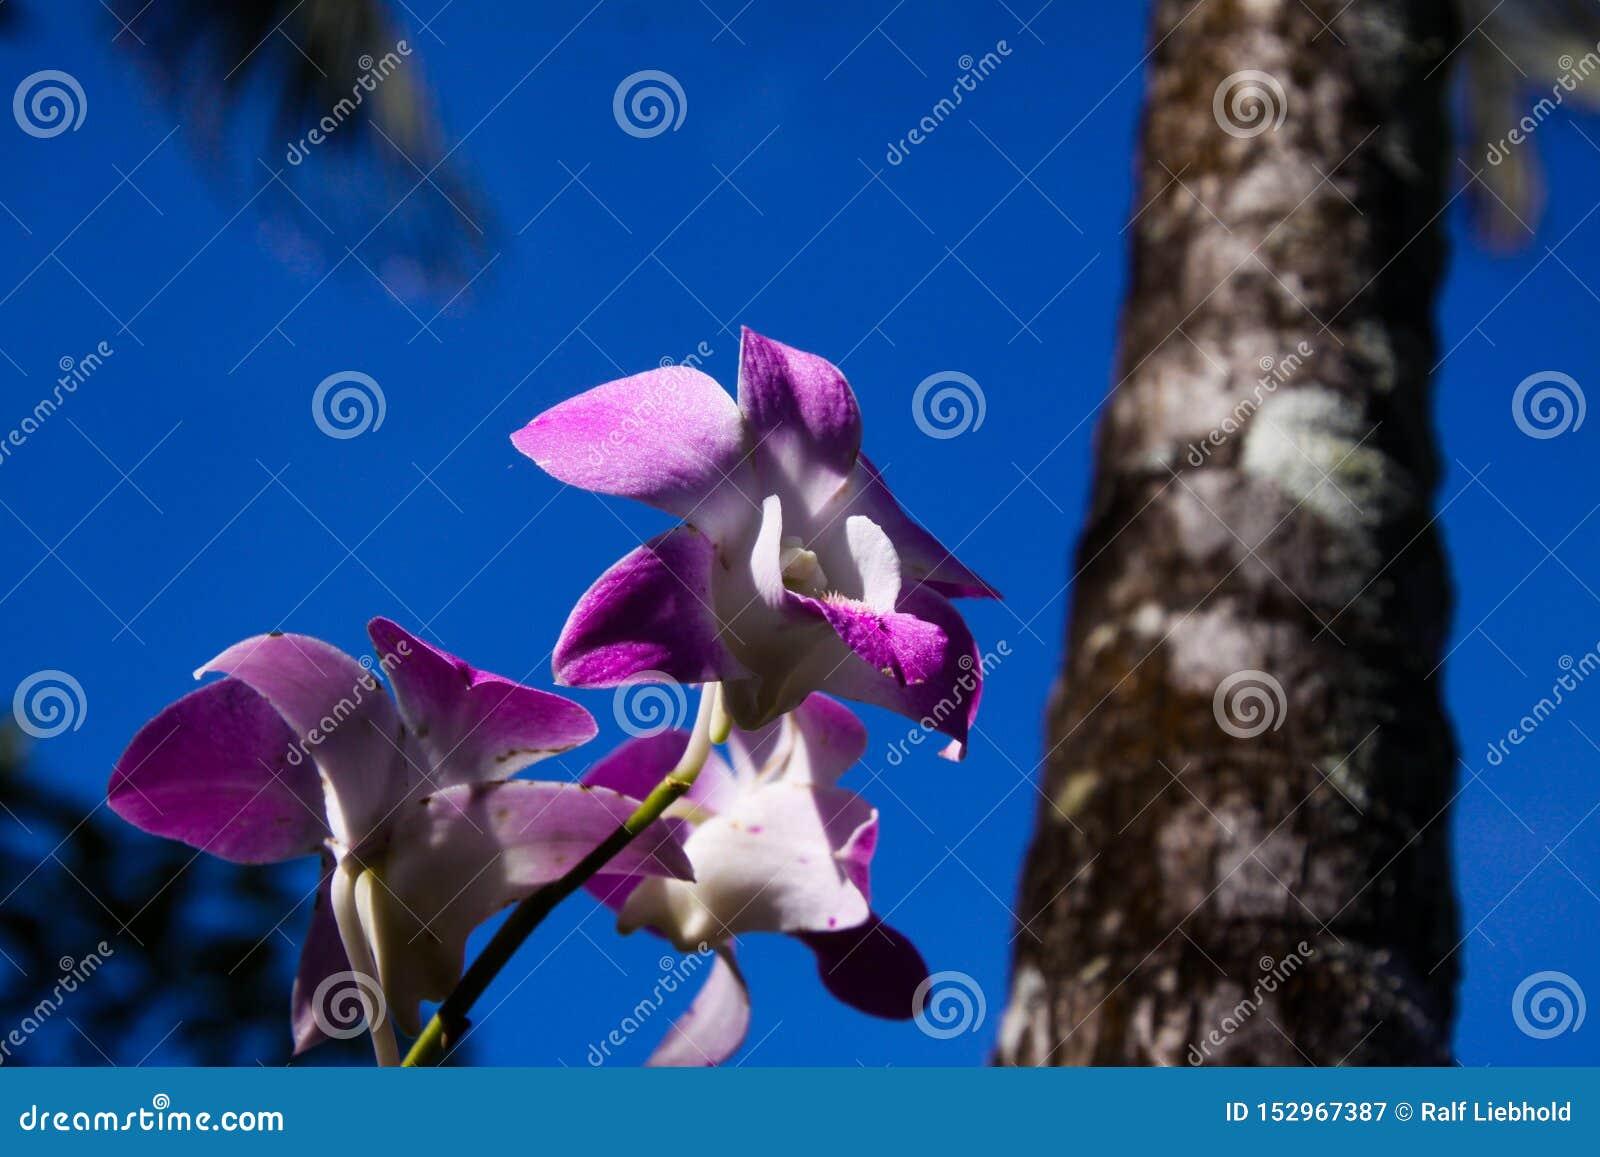 Zamyka w górę różowej i białej dendrobium orchidei z zamazanym bagażnikiem drzewko palmowe przeciw niebieskiemu niebu, Chiang Mai